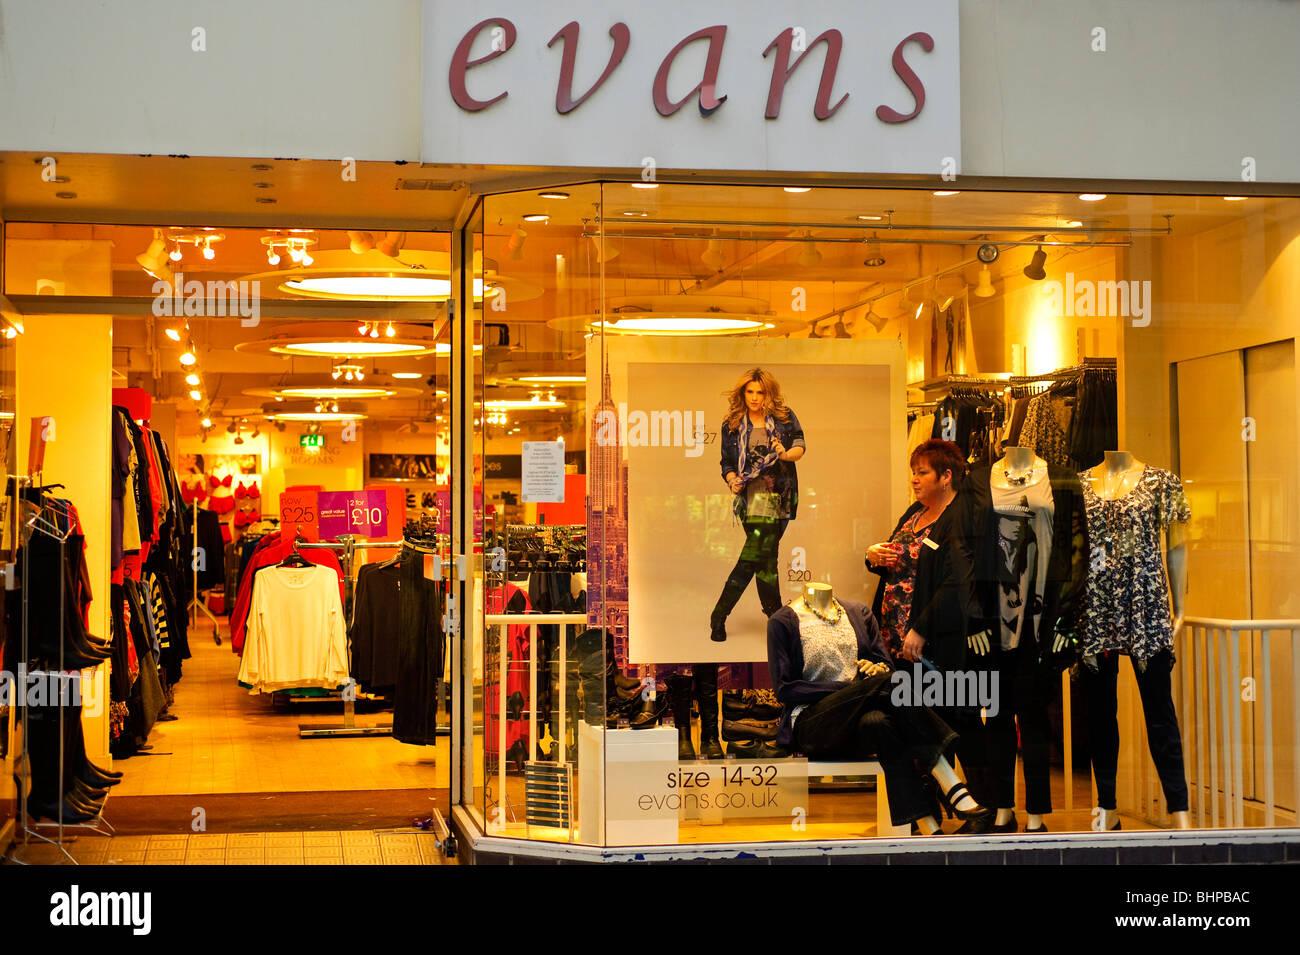 Evans womens high street retail negozio di abbigliamento, REGNO UNITO Immagini Stock